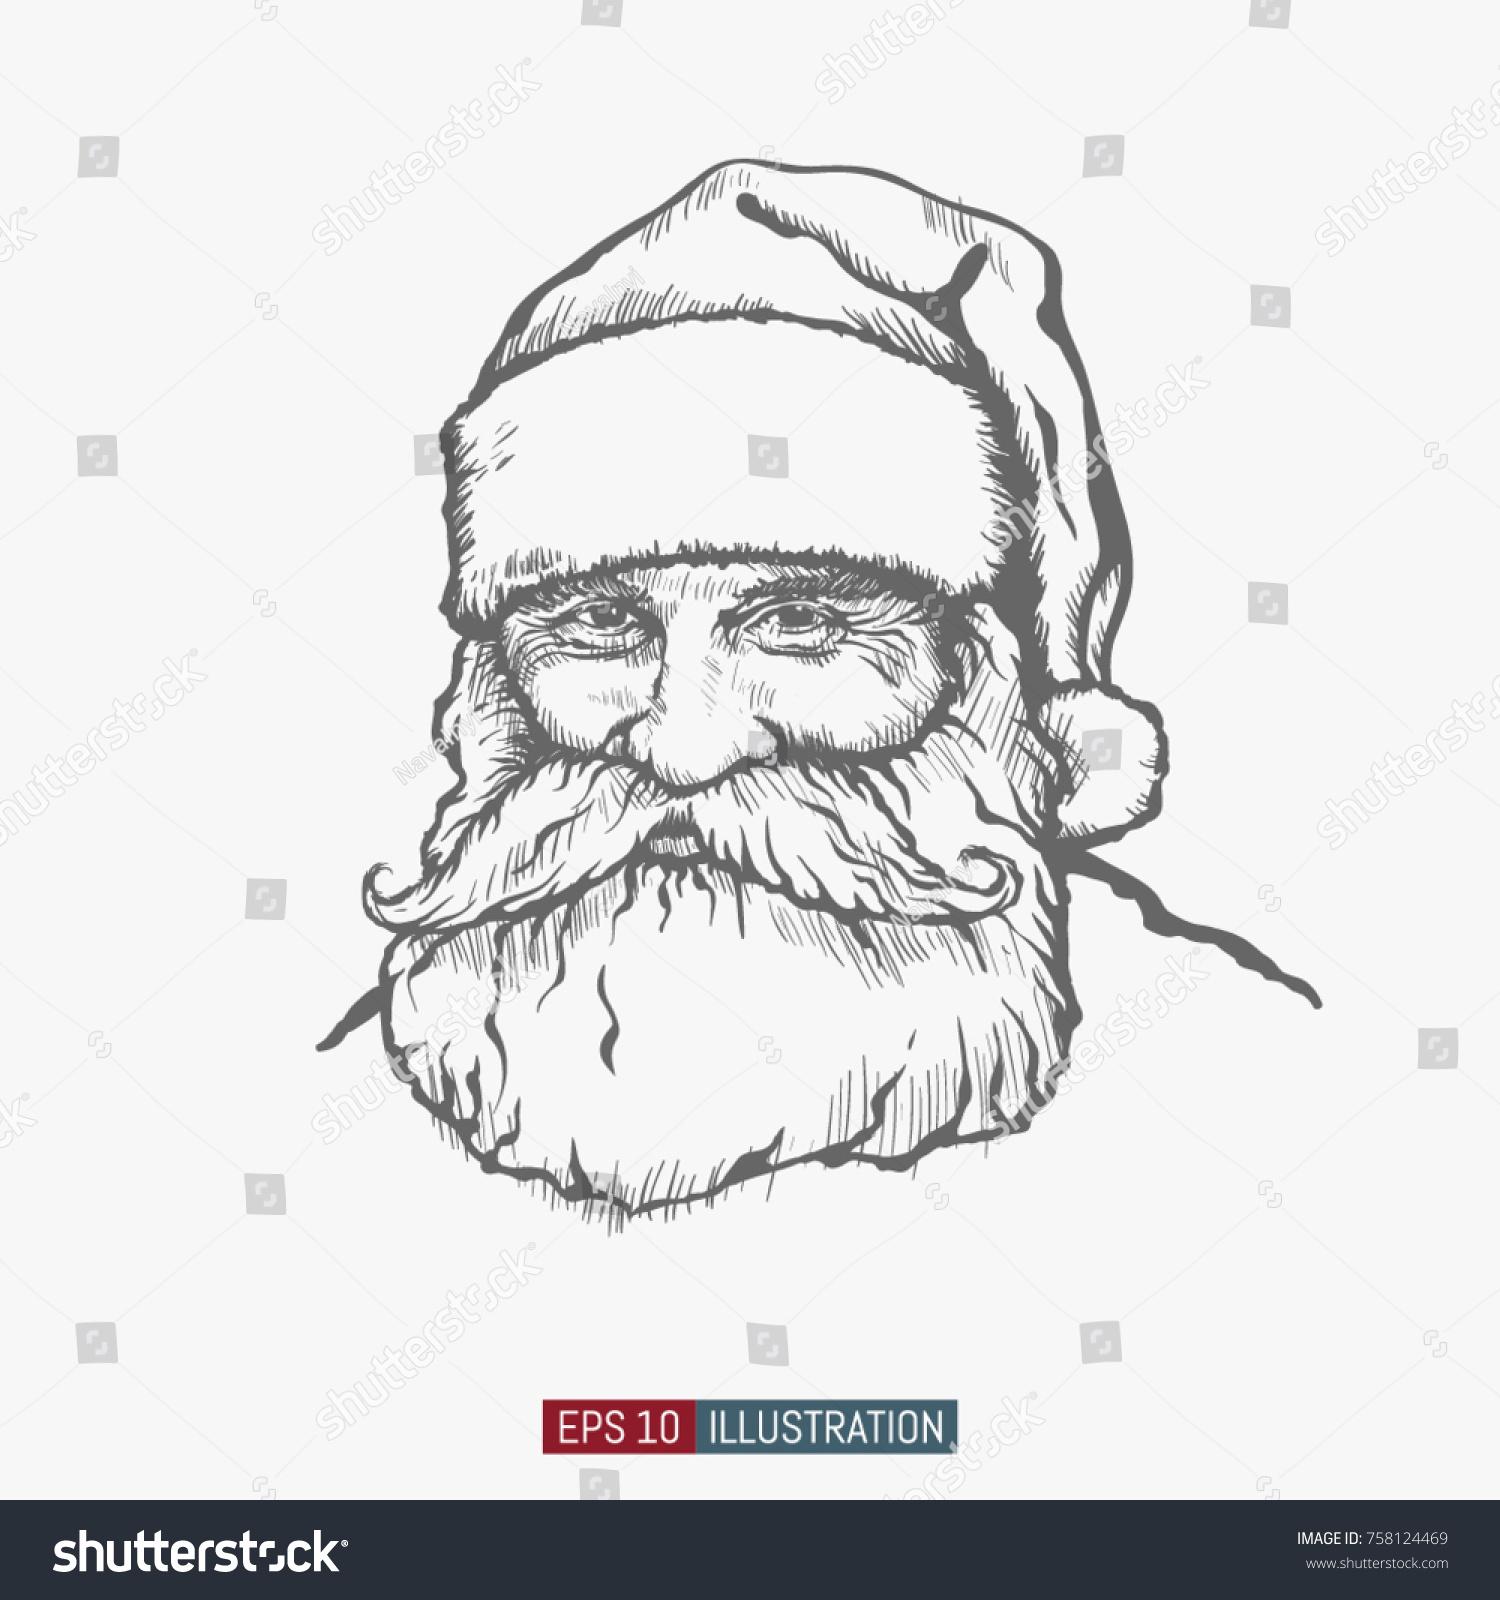 Santa Claus Hand Drawn Christmas Character Stock Vector 758124469 ...